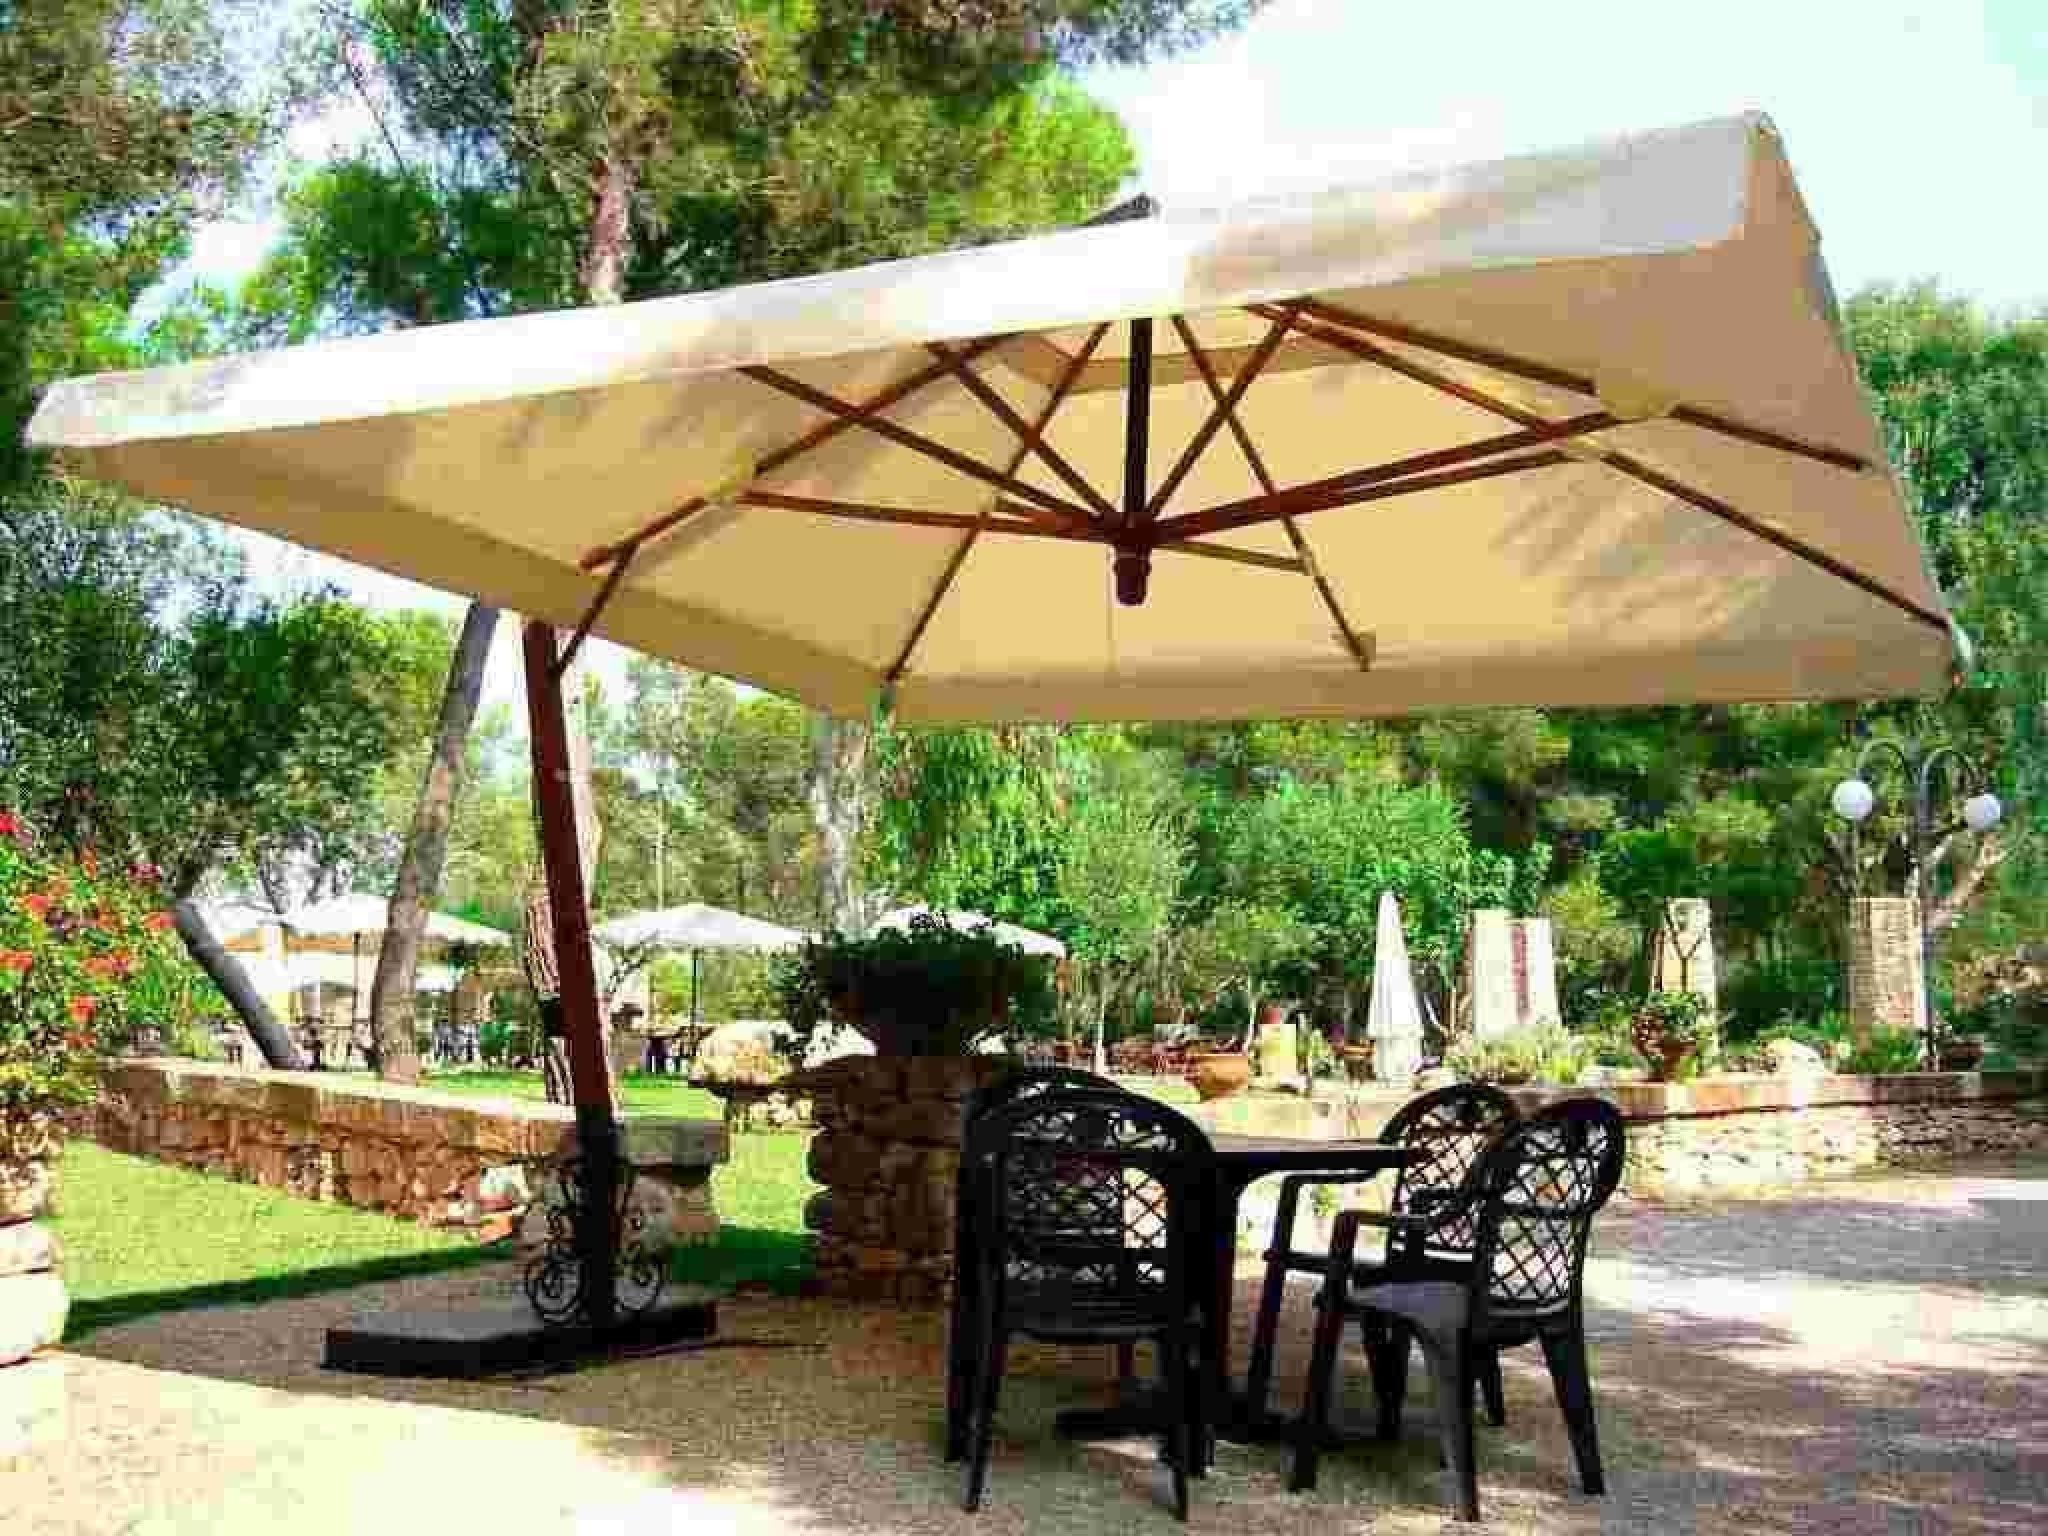 20 ideas of patio umbrellas at costco